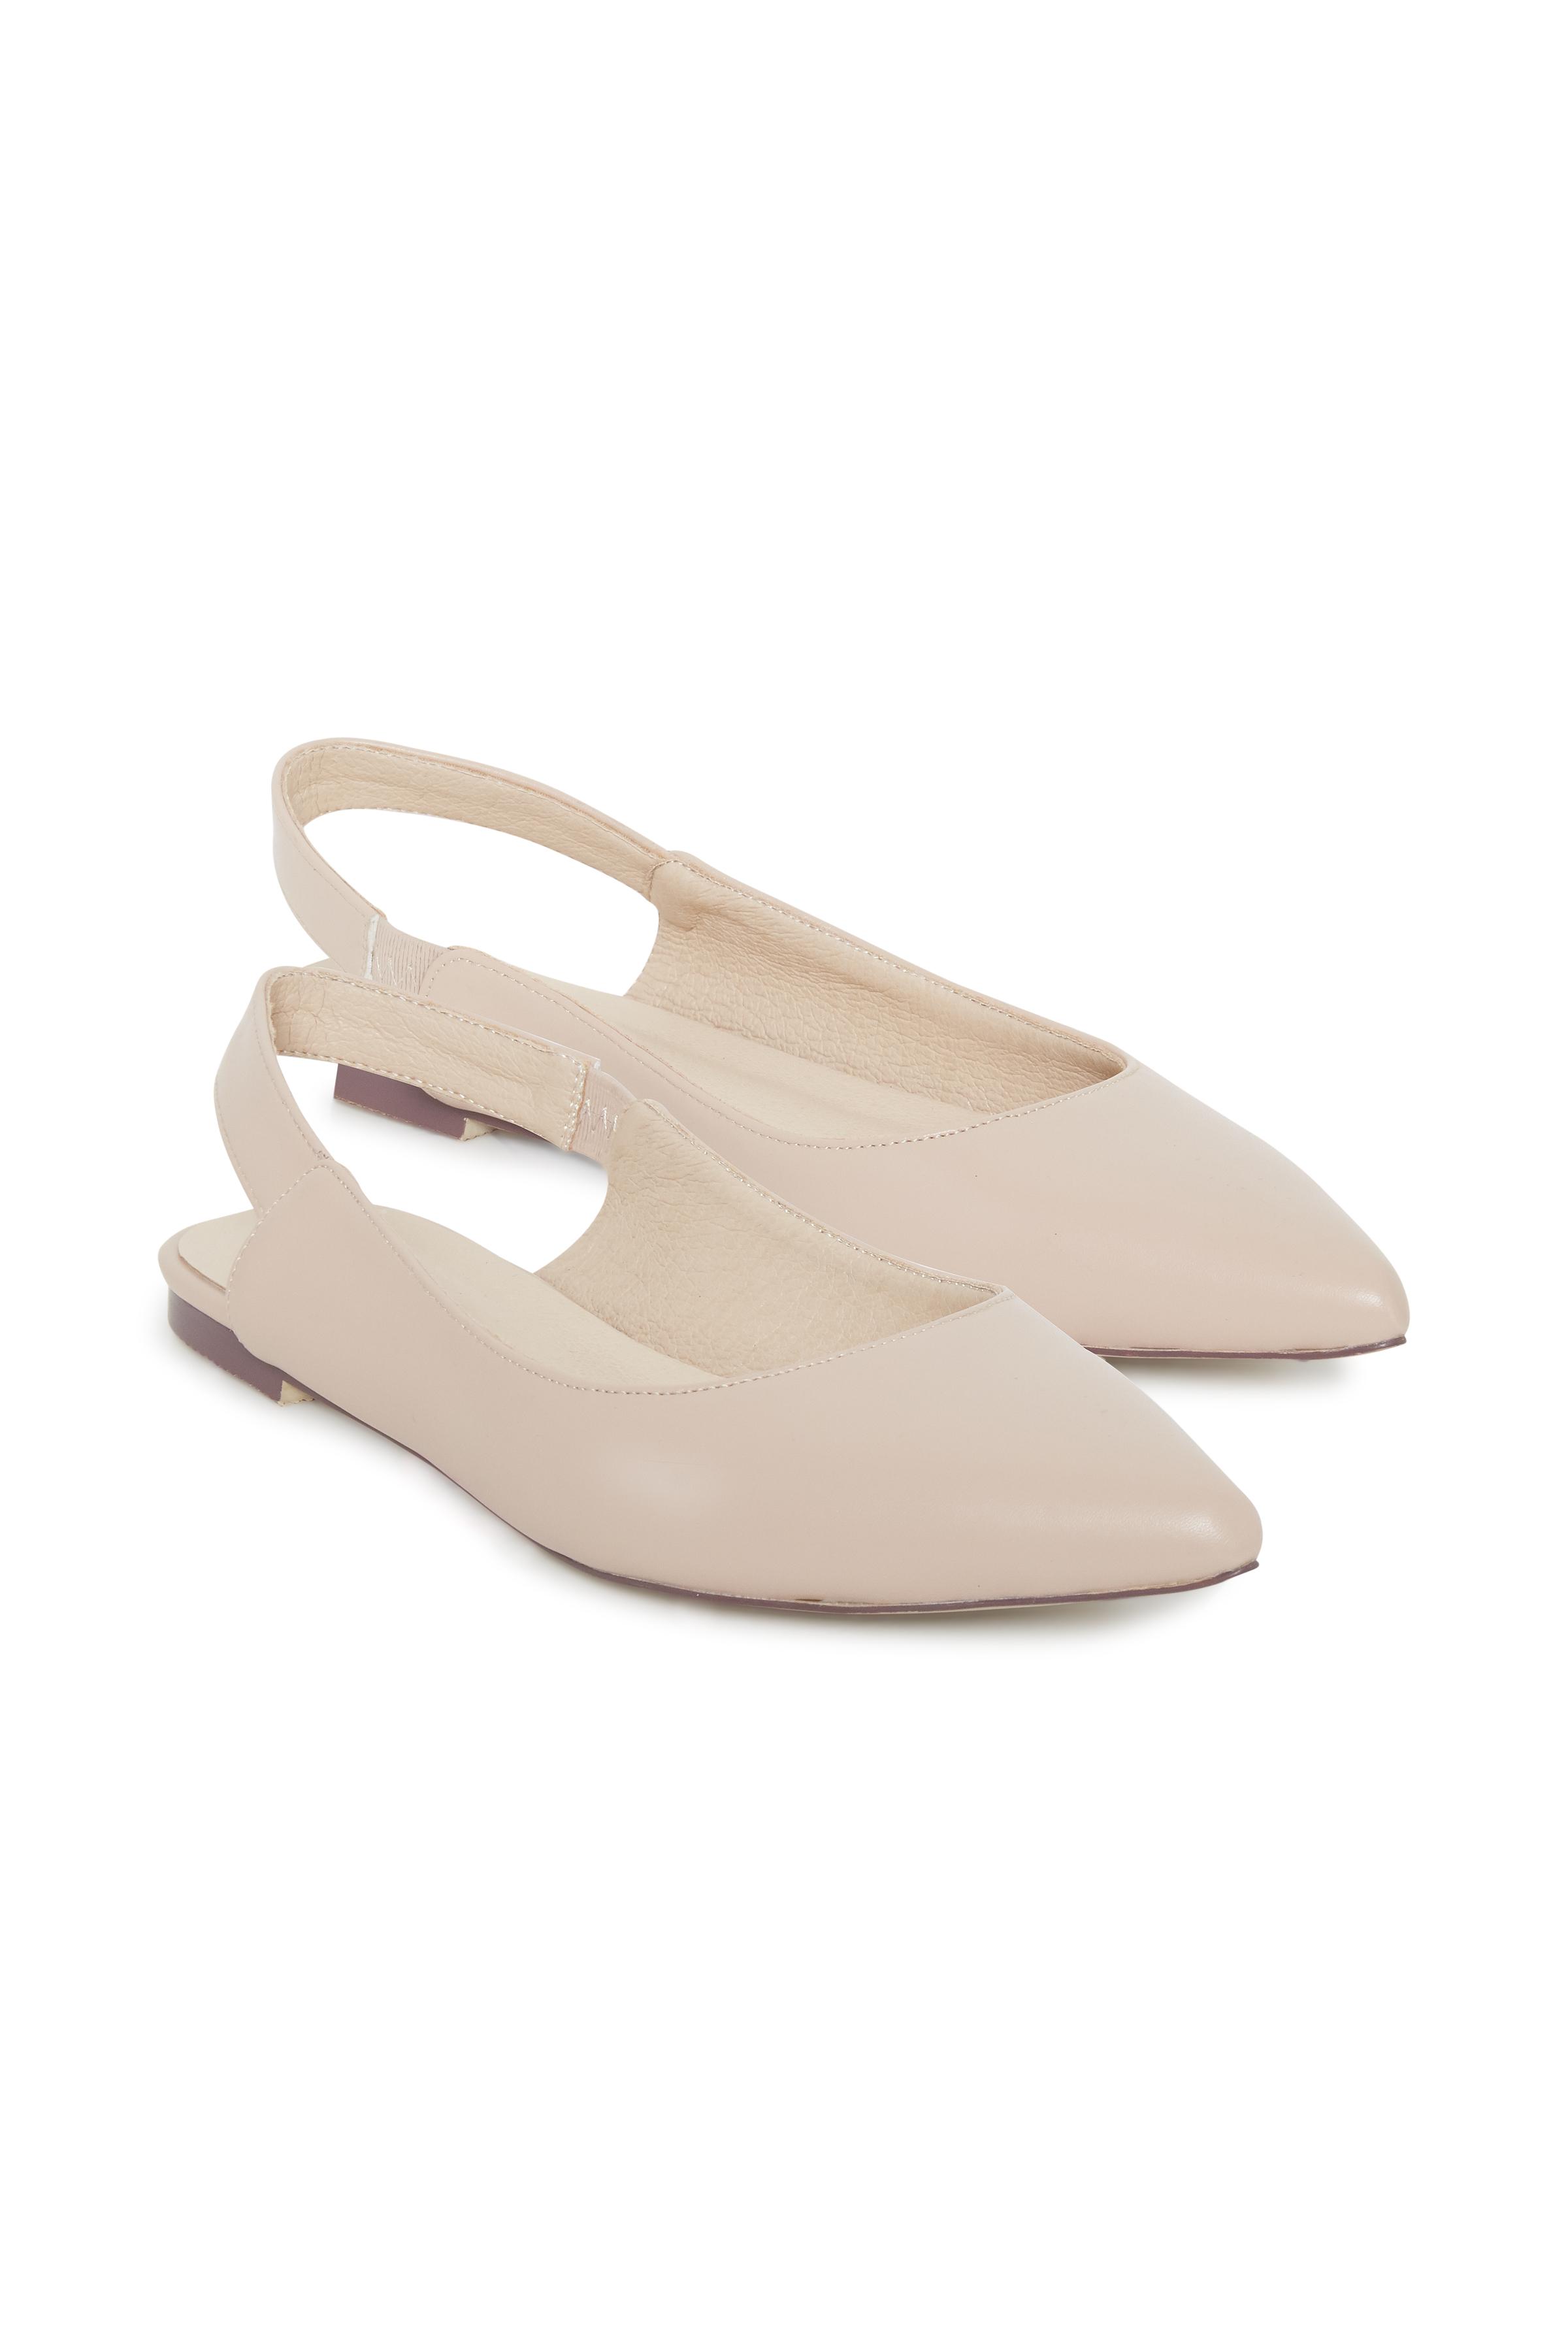 Image of   Ichi - accessories Dame Sling-back sko med spids snude - Støvet rosa